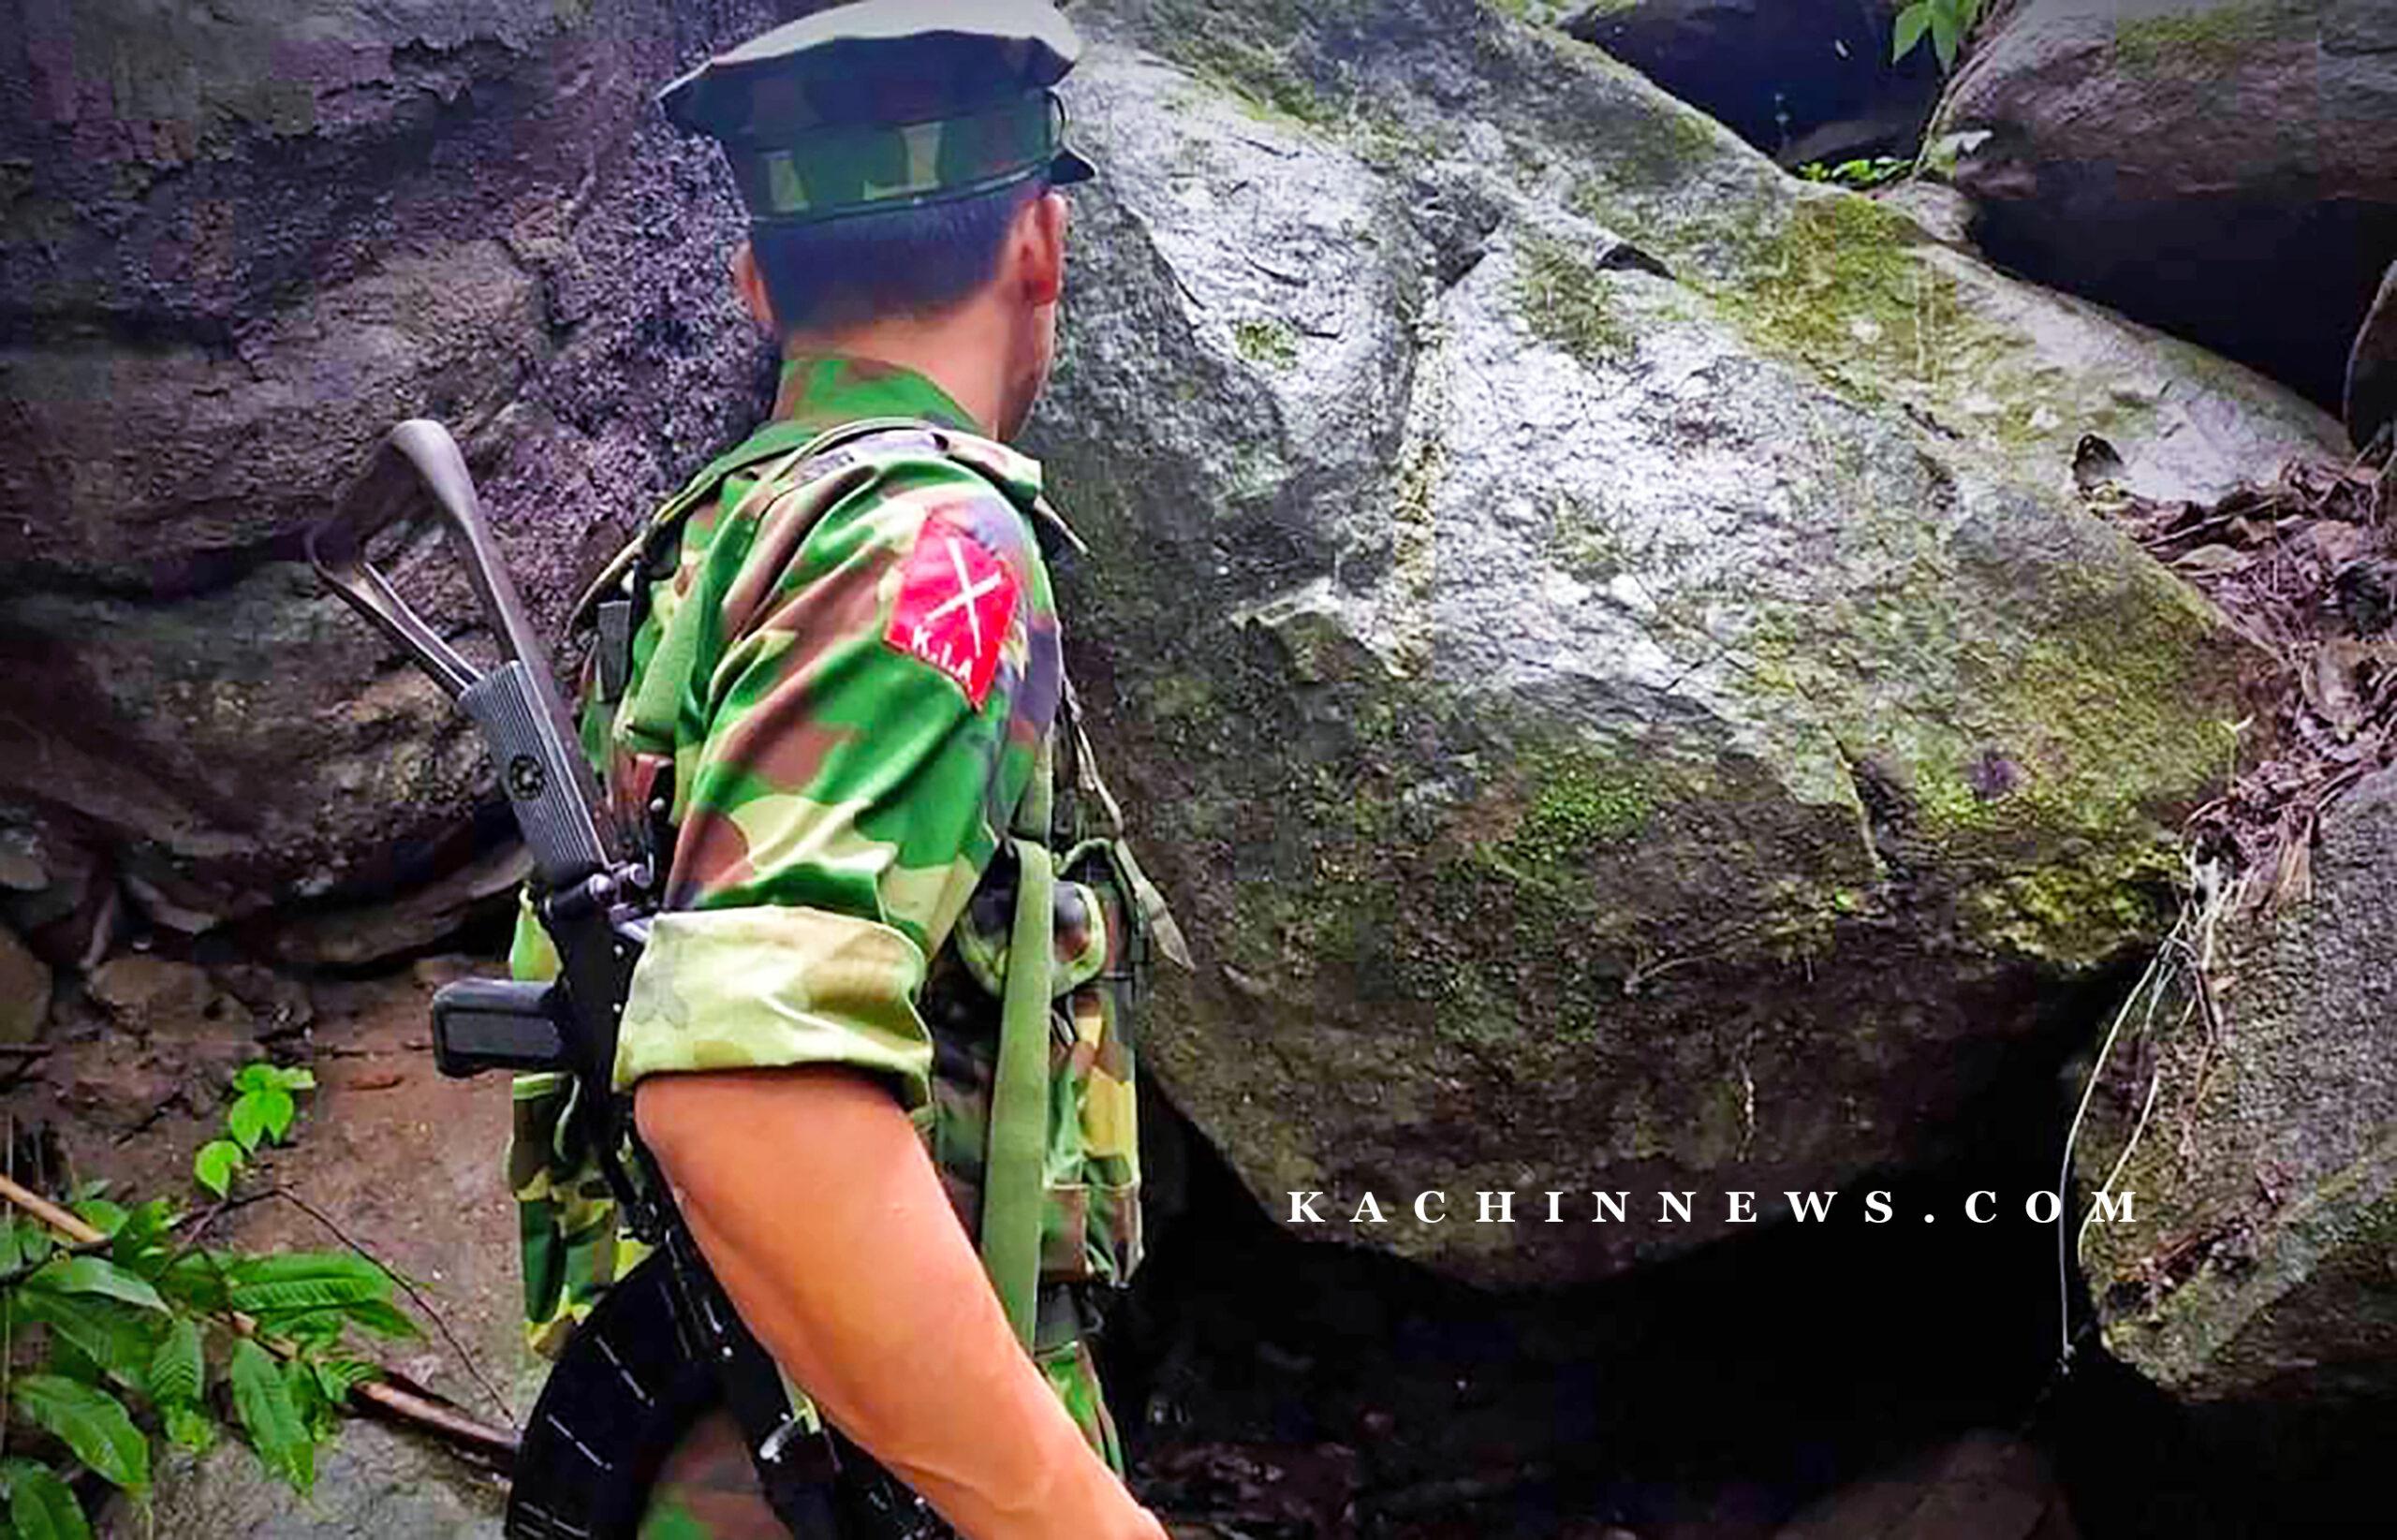 တနိုင်းသွားလမ်း လီဒိုလမ်းမပေါ် တွင် အာဏာသိမ်းနှင့် KIA တိုက်ပွဲ ပြင်းထန်နေ